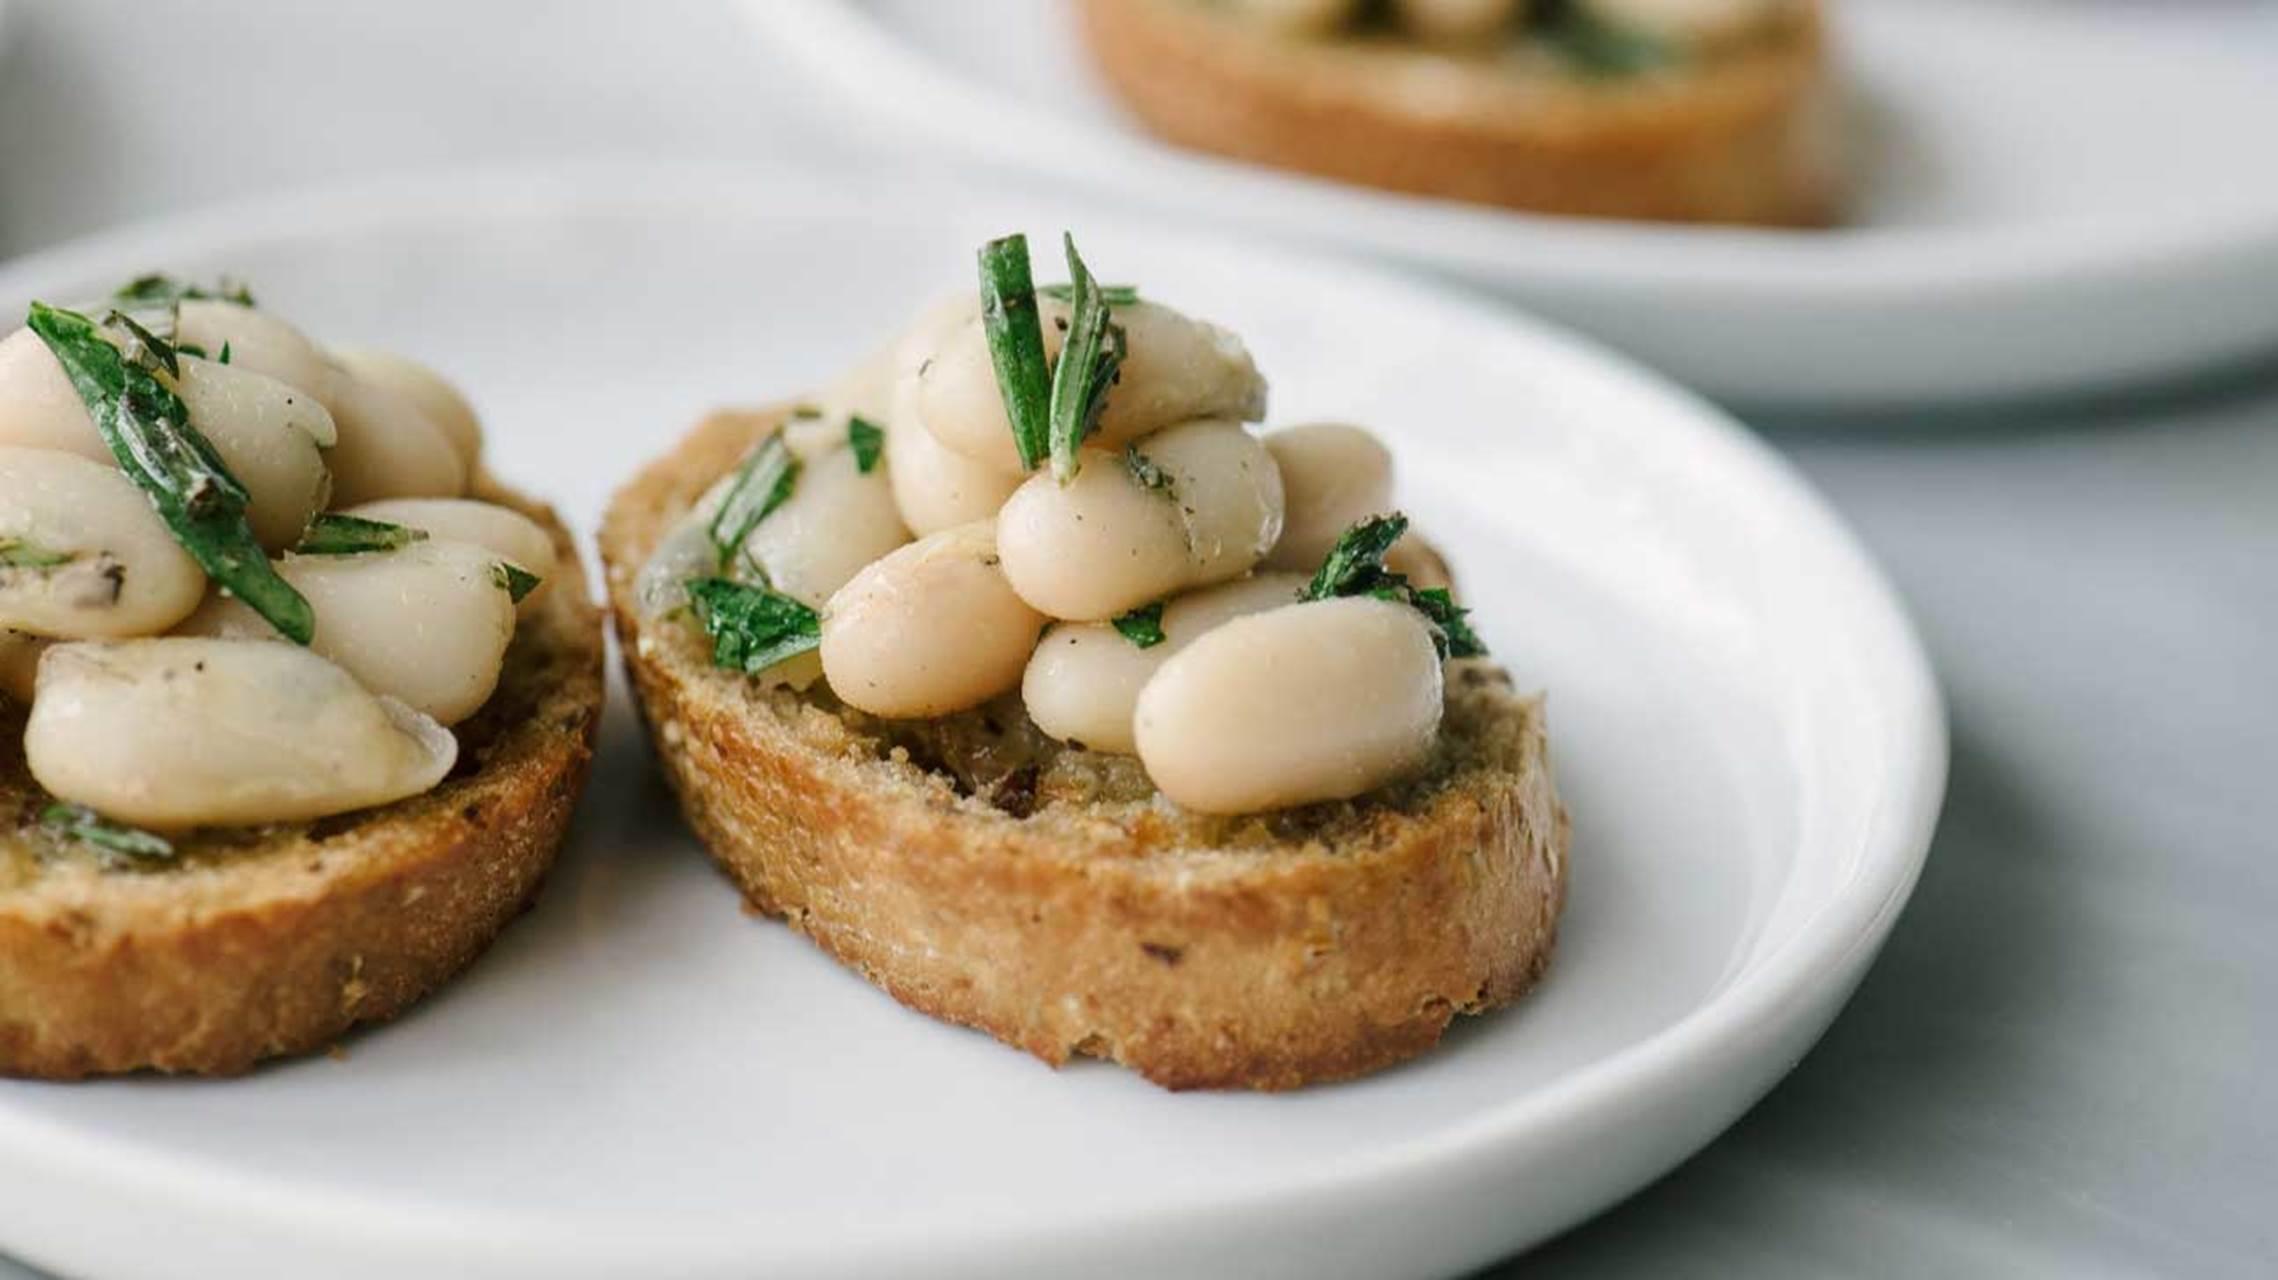 آیا لوبیای سفید برای سلامتی مفید است؟ بررسی مواد مغذی و موارد دیگر